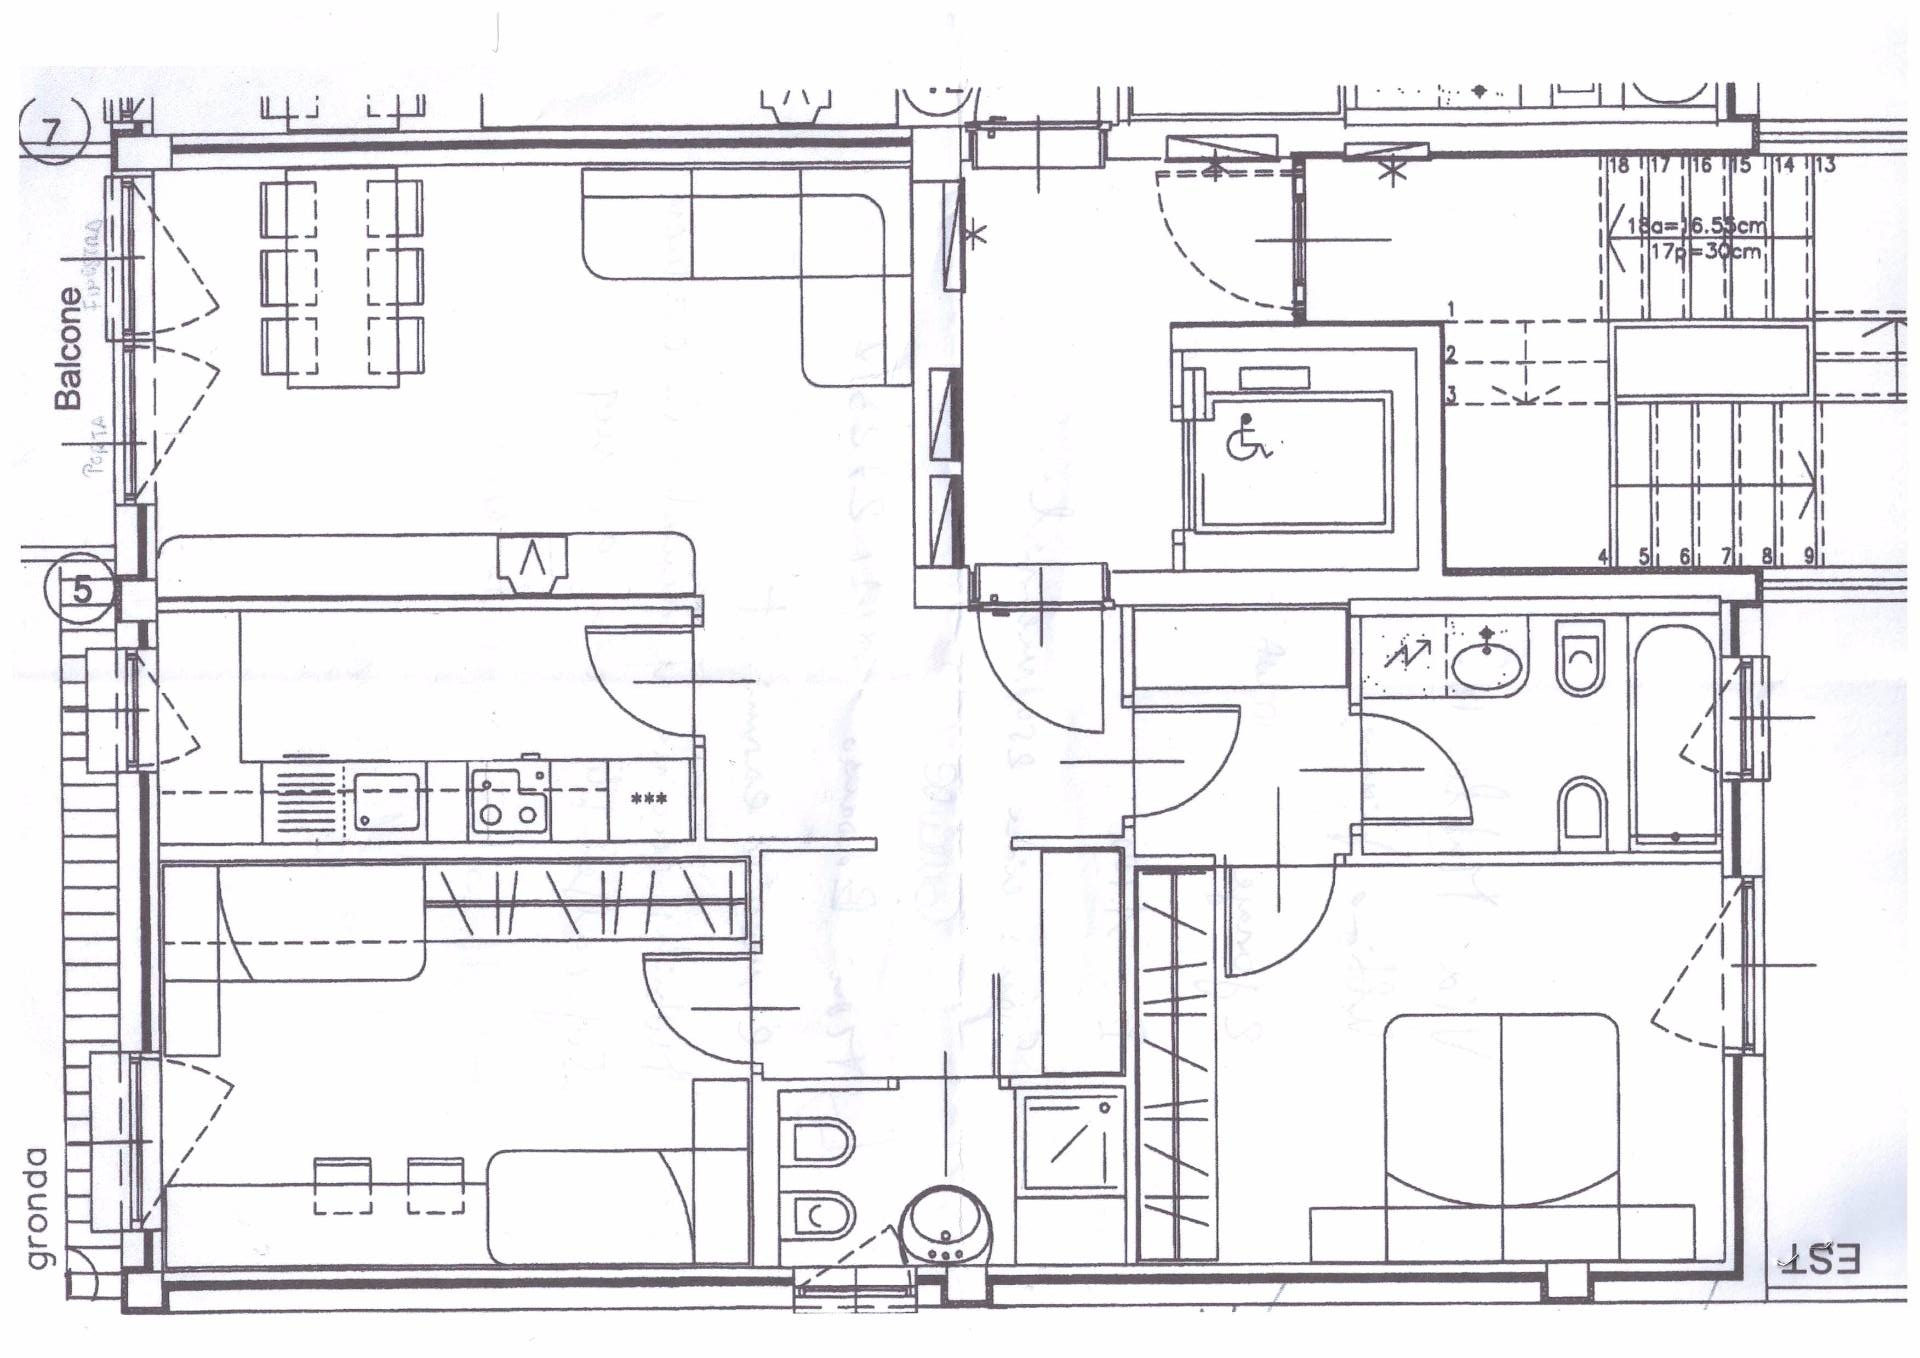 Appartamento in affitto a Bolzano, 4 locali, zona Zona: Residenziale, prezzo € 1.100 | Cambio Casa.it